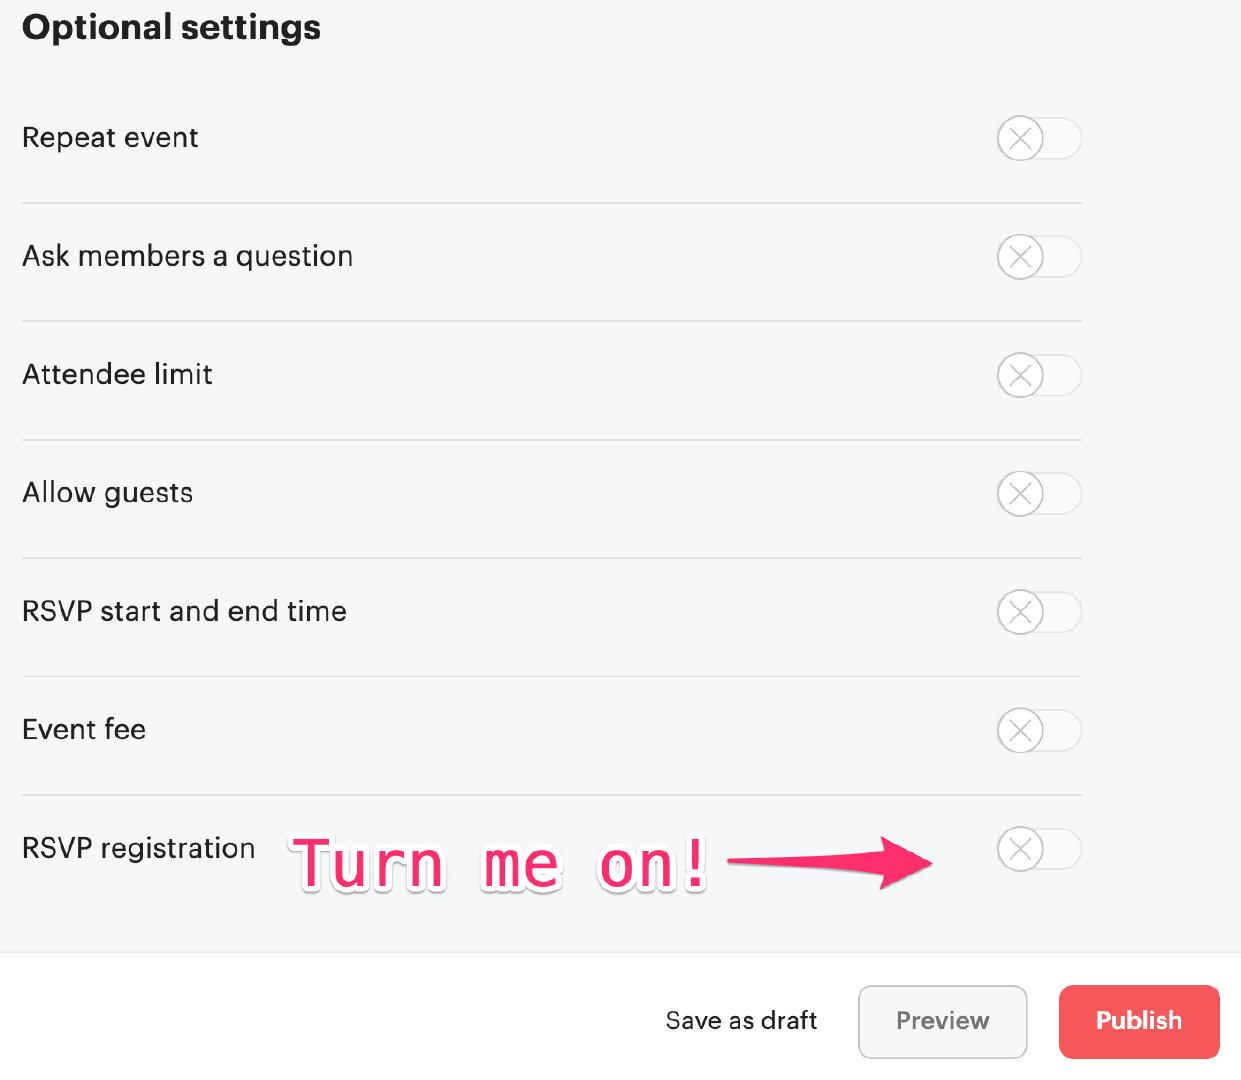 RSVP_registration settings